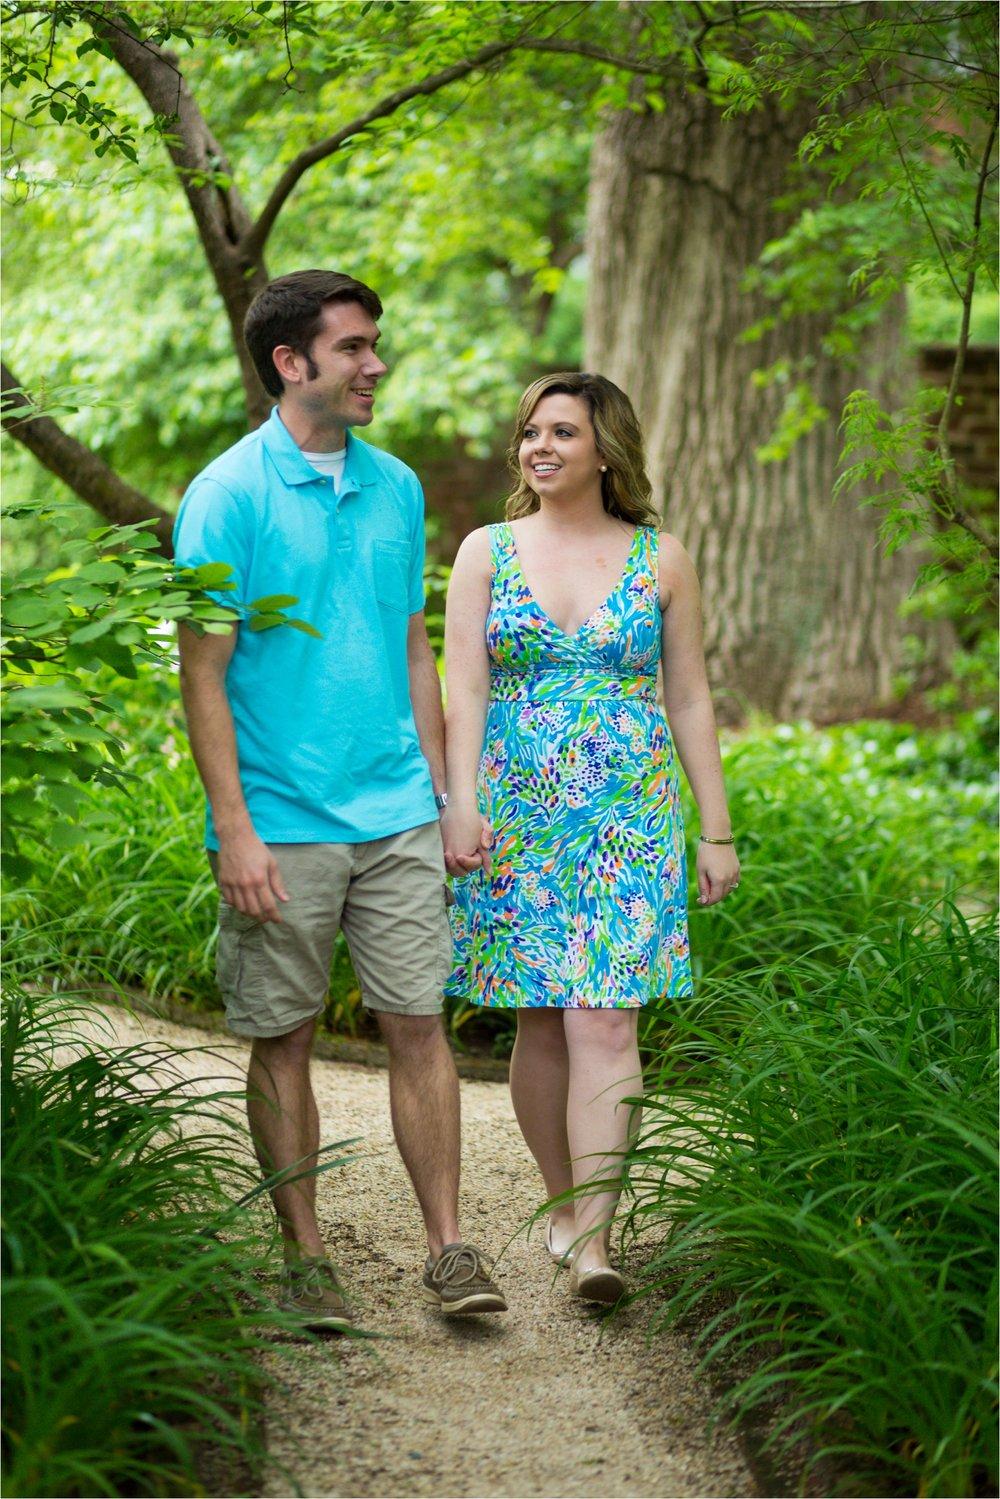 Charlottesville-Virginia-Spring-Engagement-Session-4802.jpg